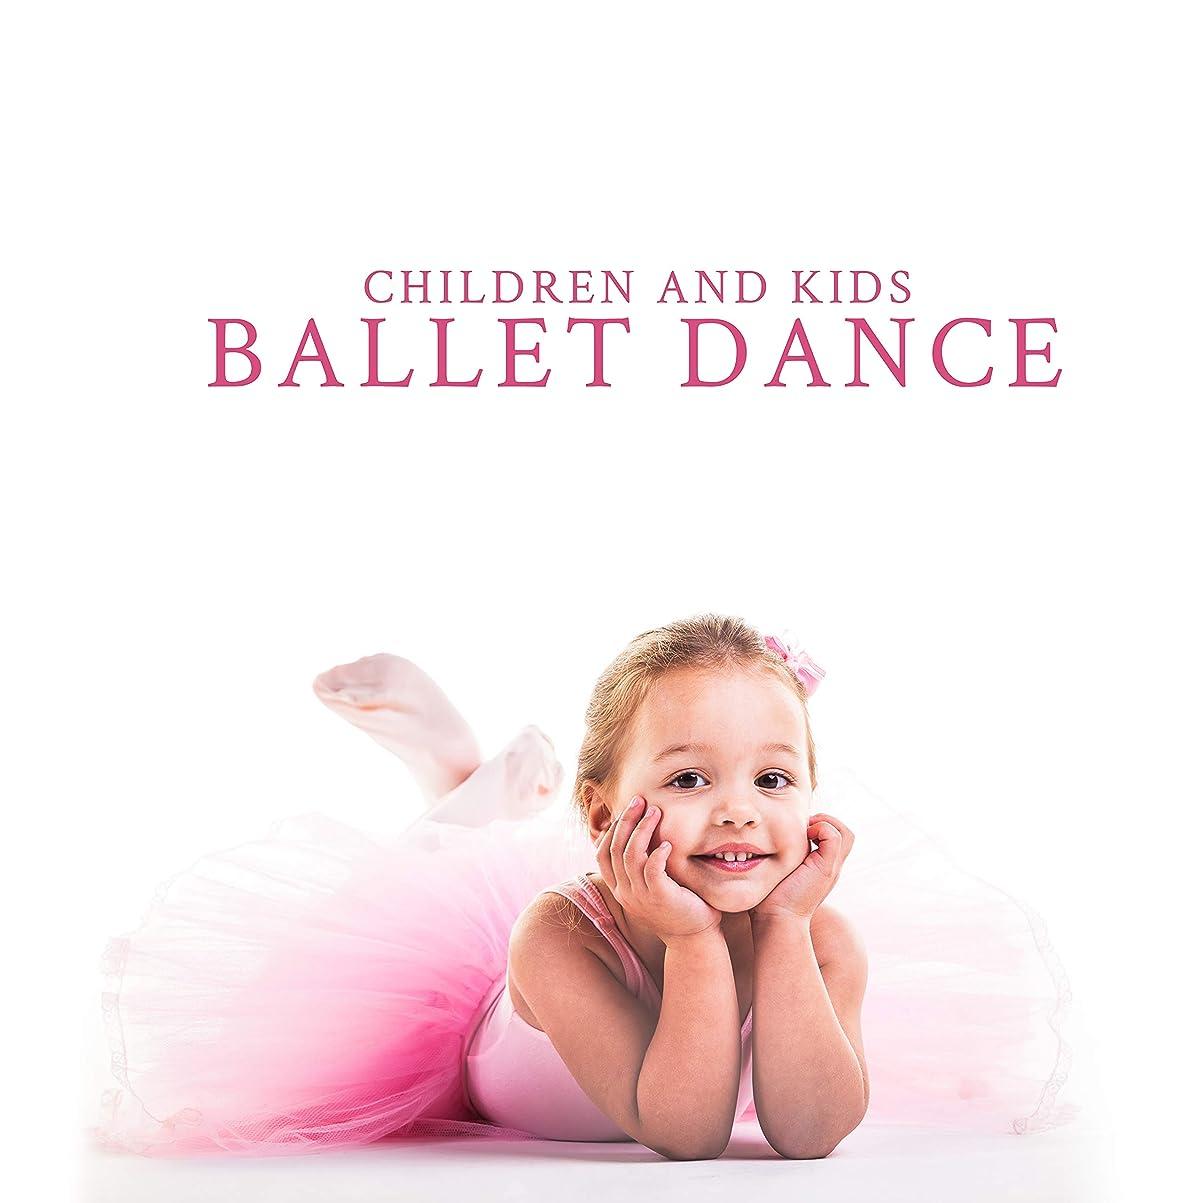 耳ゴミアルカイックChildren and Kids Ballet Dance – Music for Ballet Class for Dance Schools Lessons, Mozart, Bach, Chopin, Piano Music